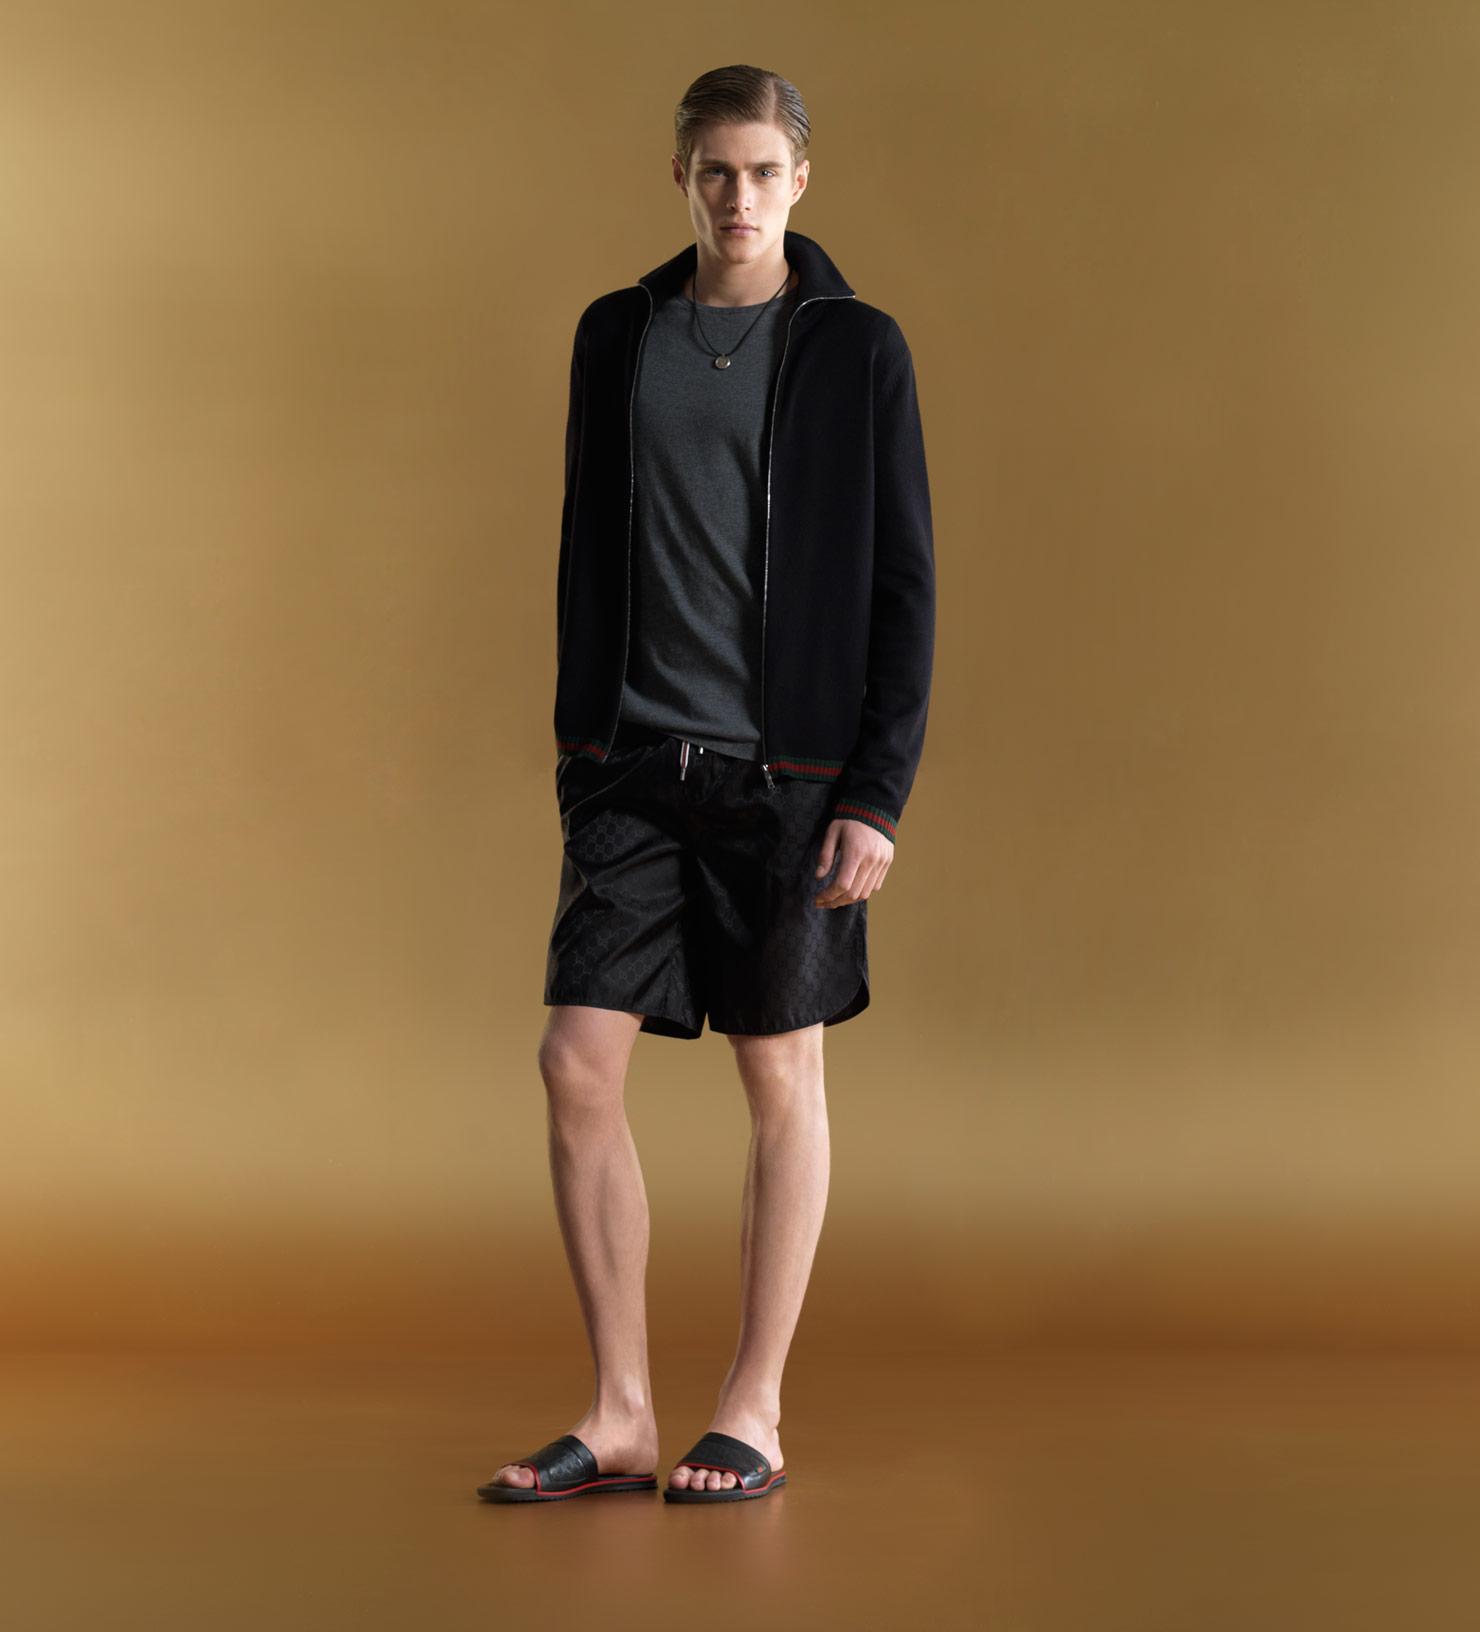 Crest On Men S Clothes